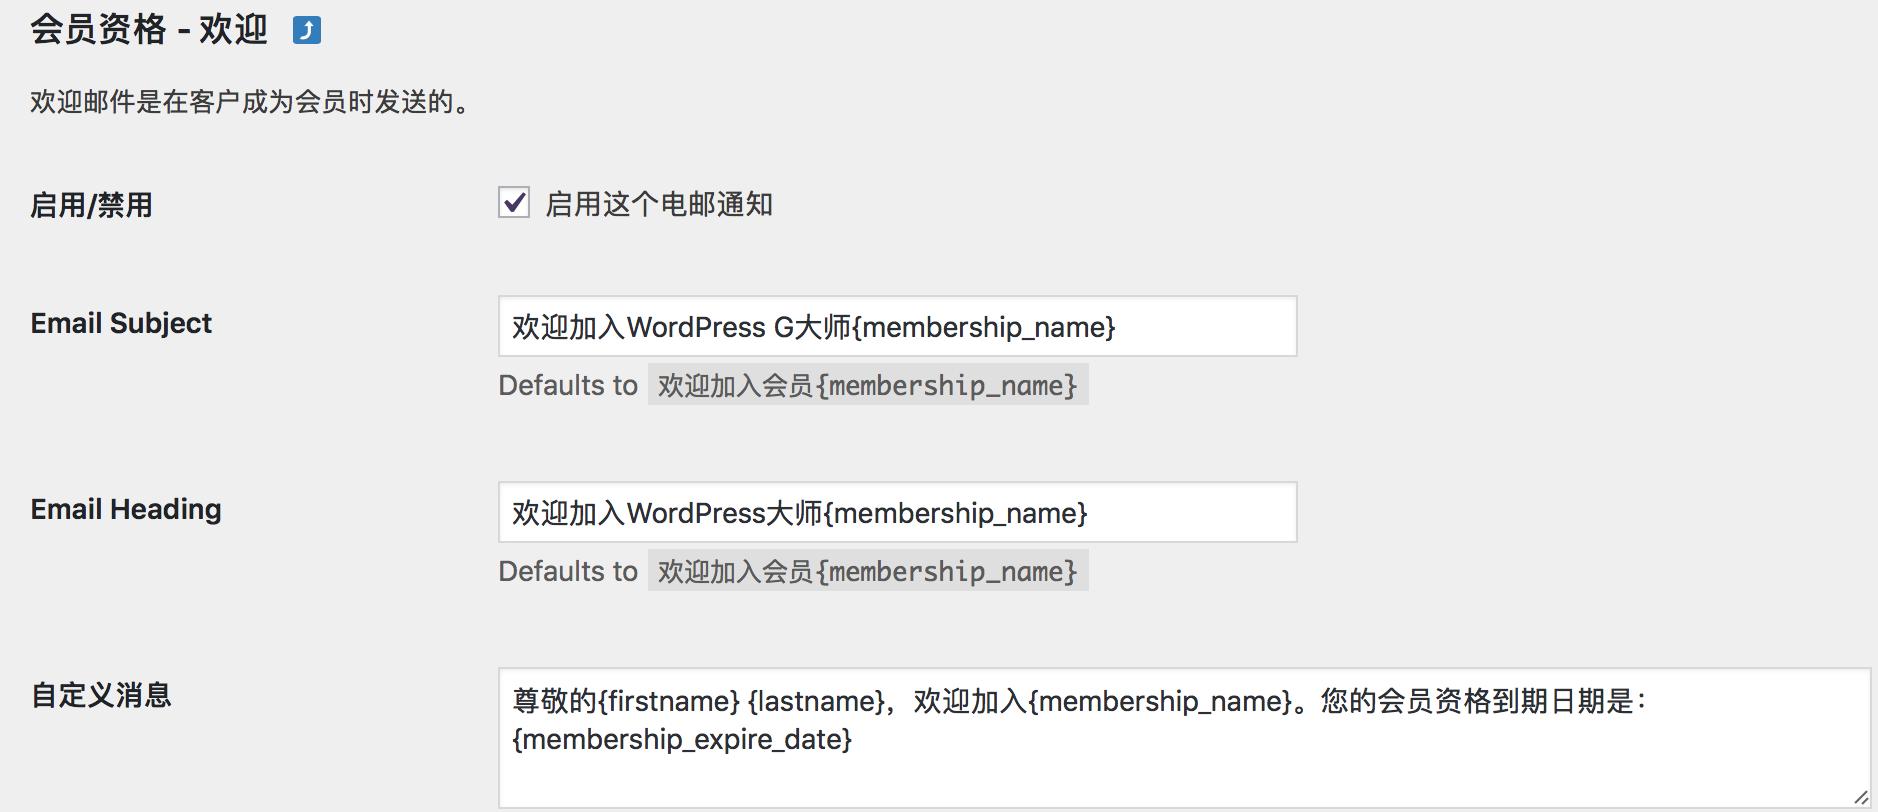 自定义计划会员的电子邮件